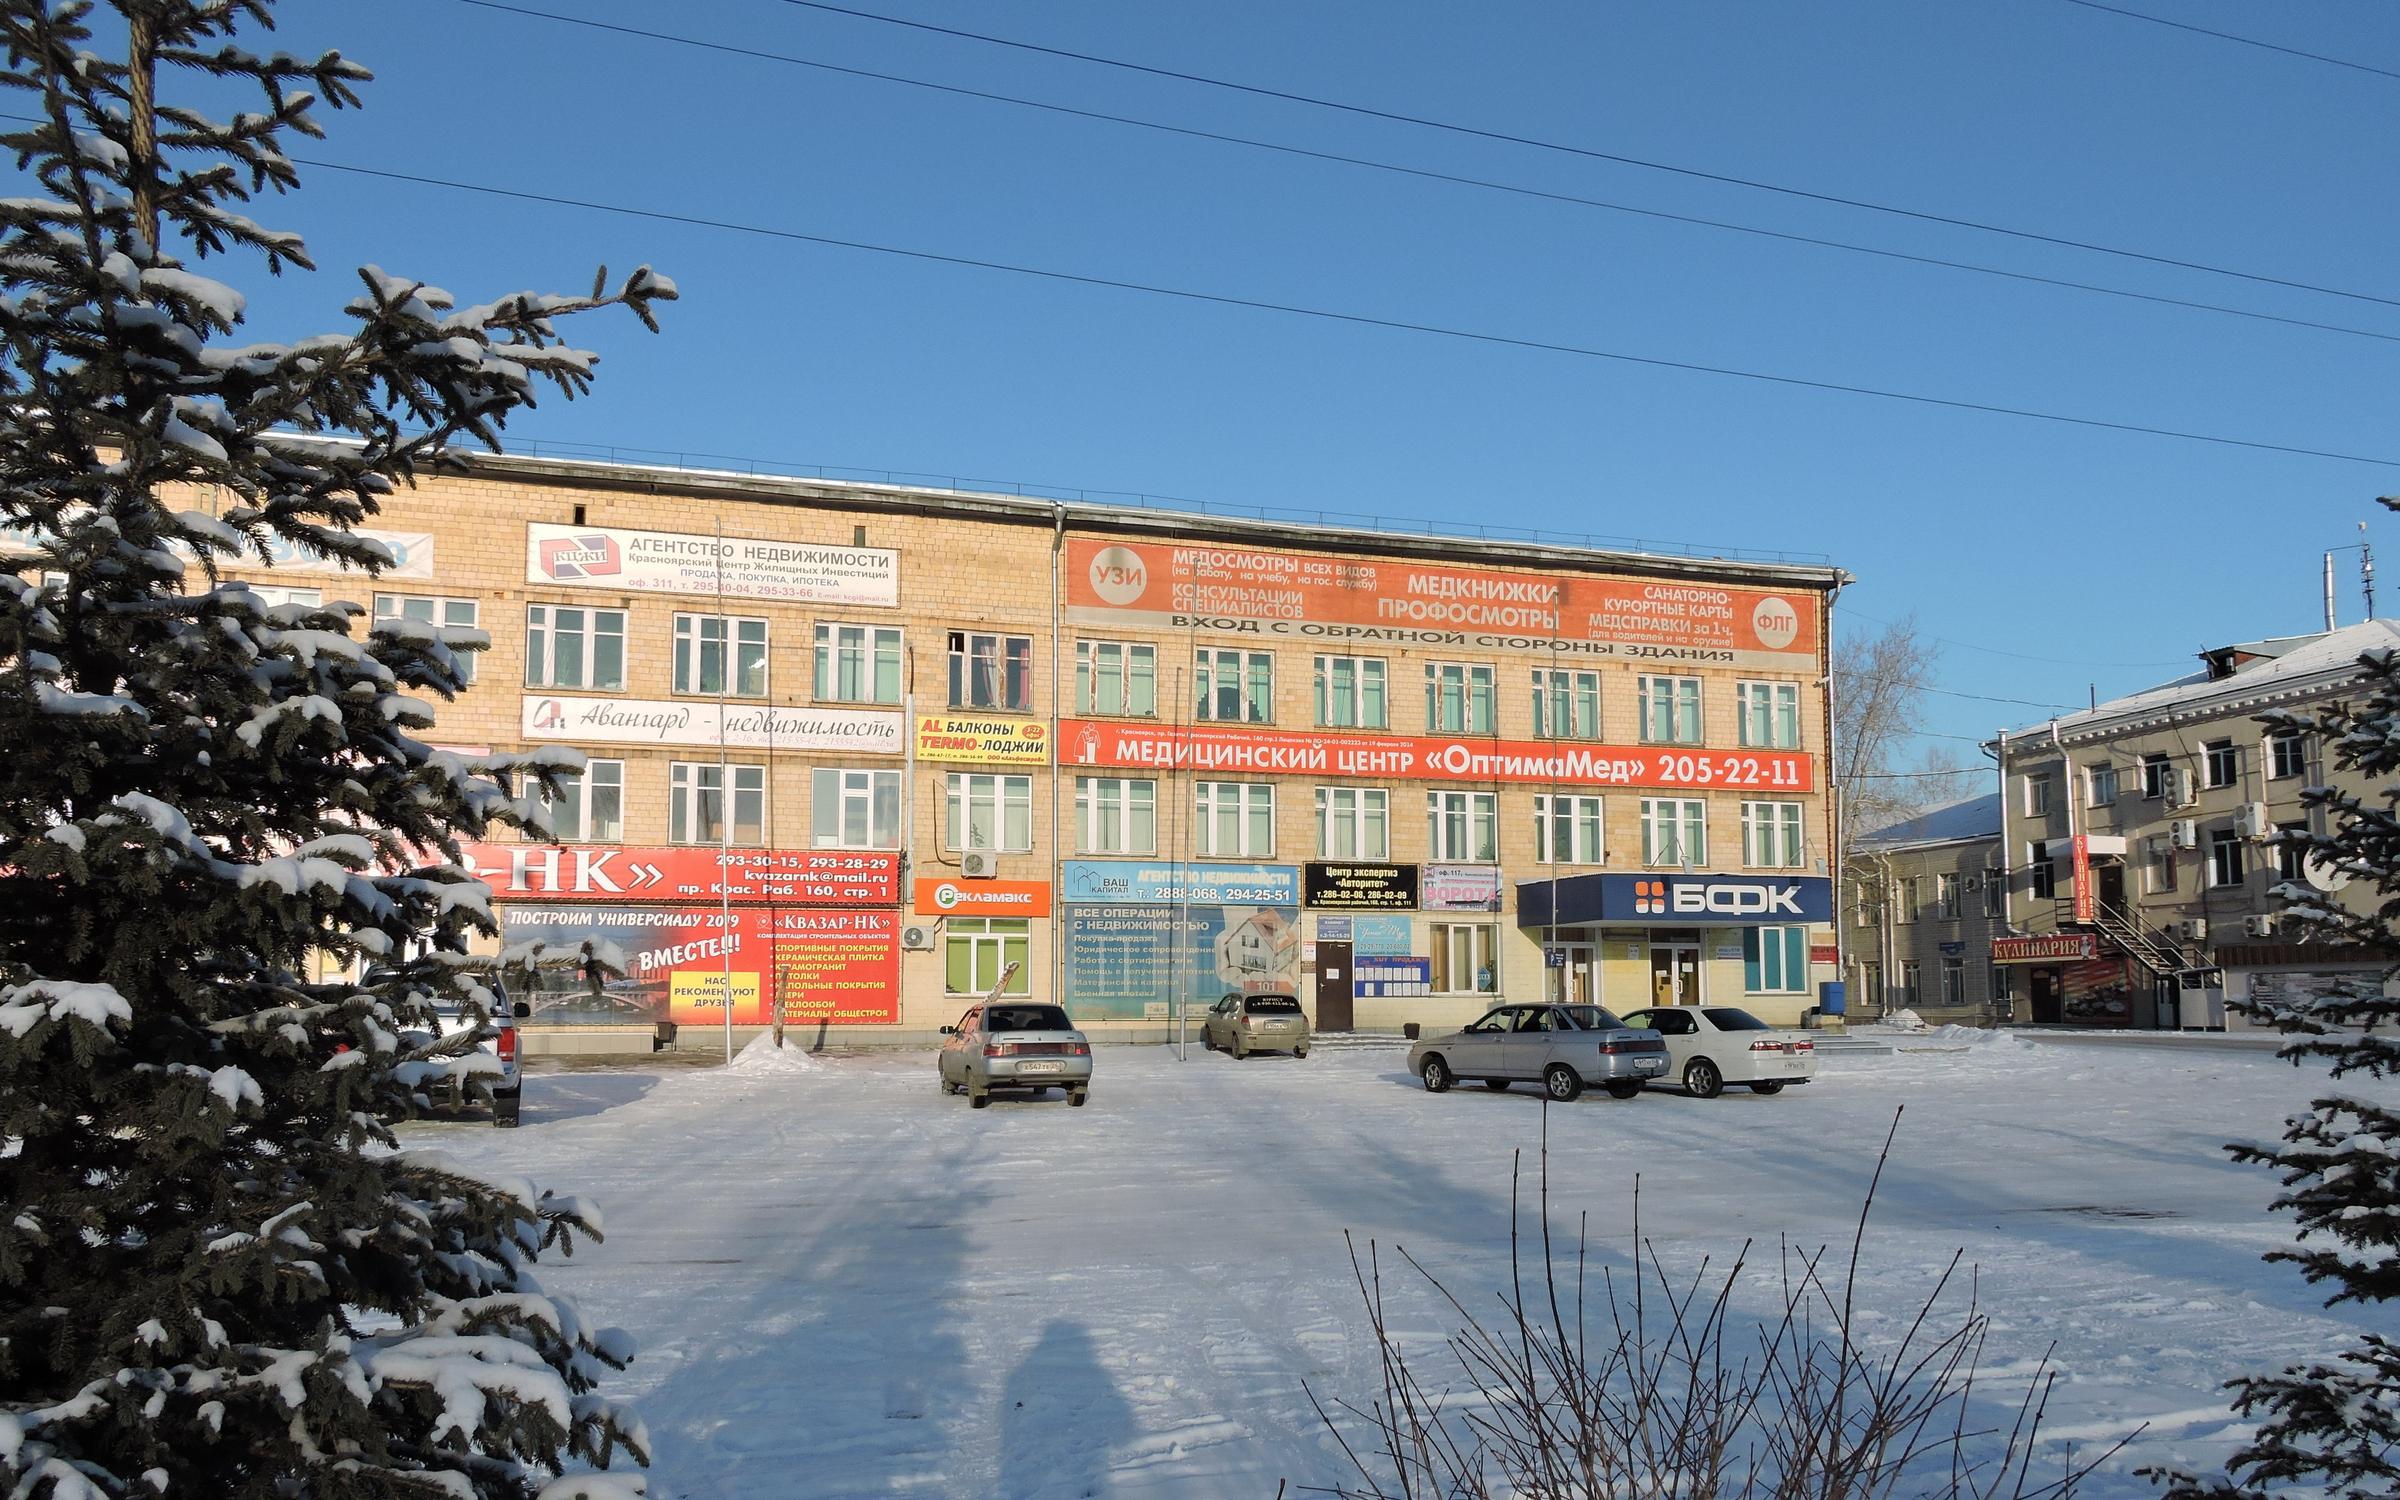 фотография Медицинского центра ОптимаМед на проспекте имени газеты Красноярский рабочий